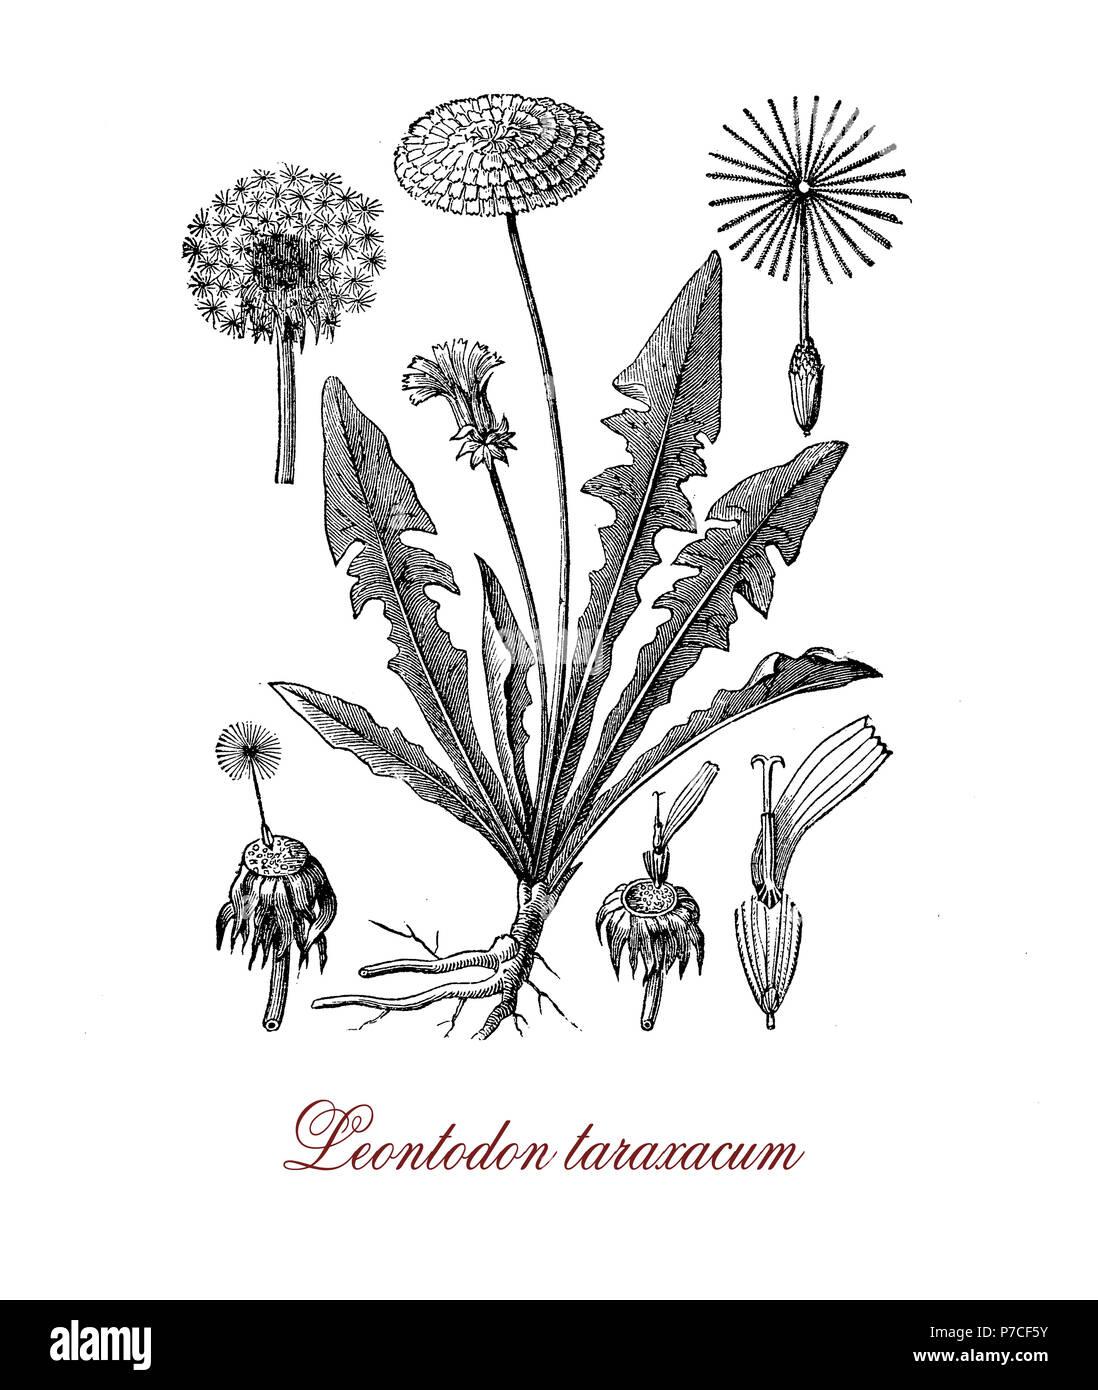 Fiori Gialli Tondi.Vintage Botanico Incisione Di Leontodon Taraxacum O Dandelium